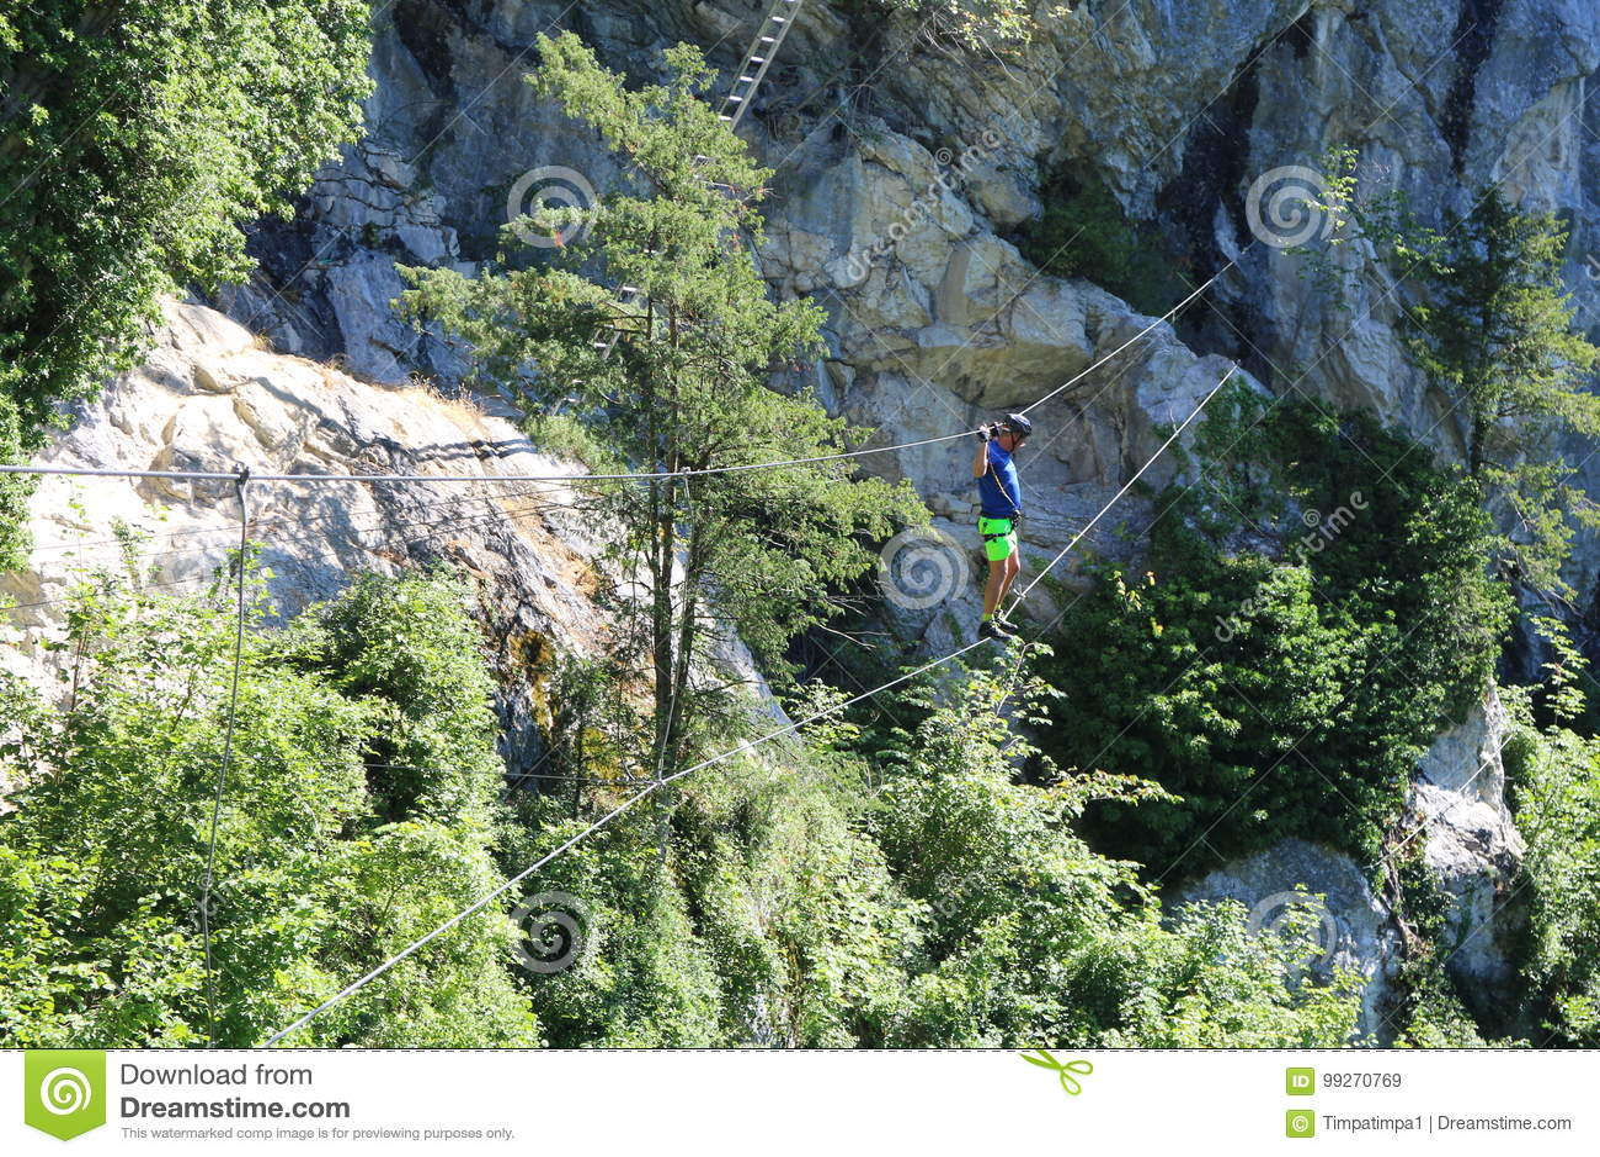 Klettersteig Ferrata : Kabelbrücke und leiter herein über ferrata trattenbacher